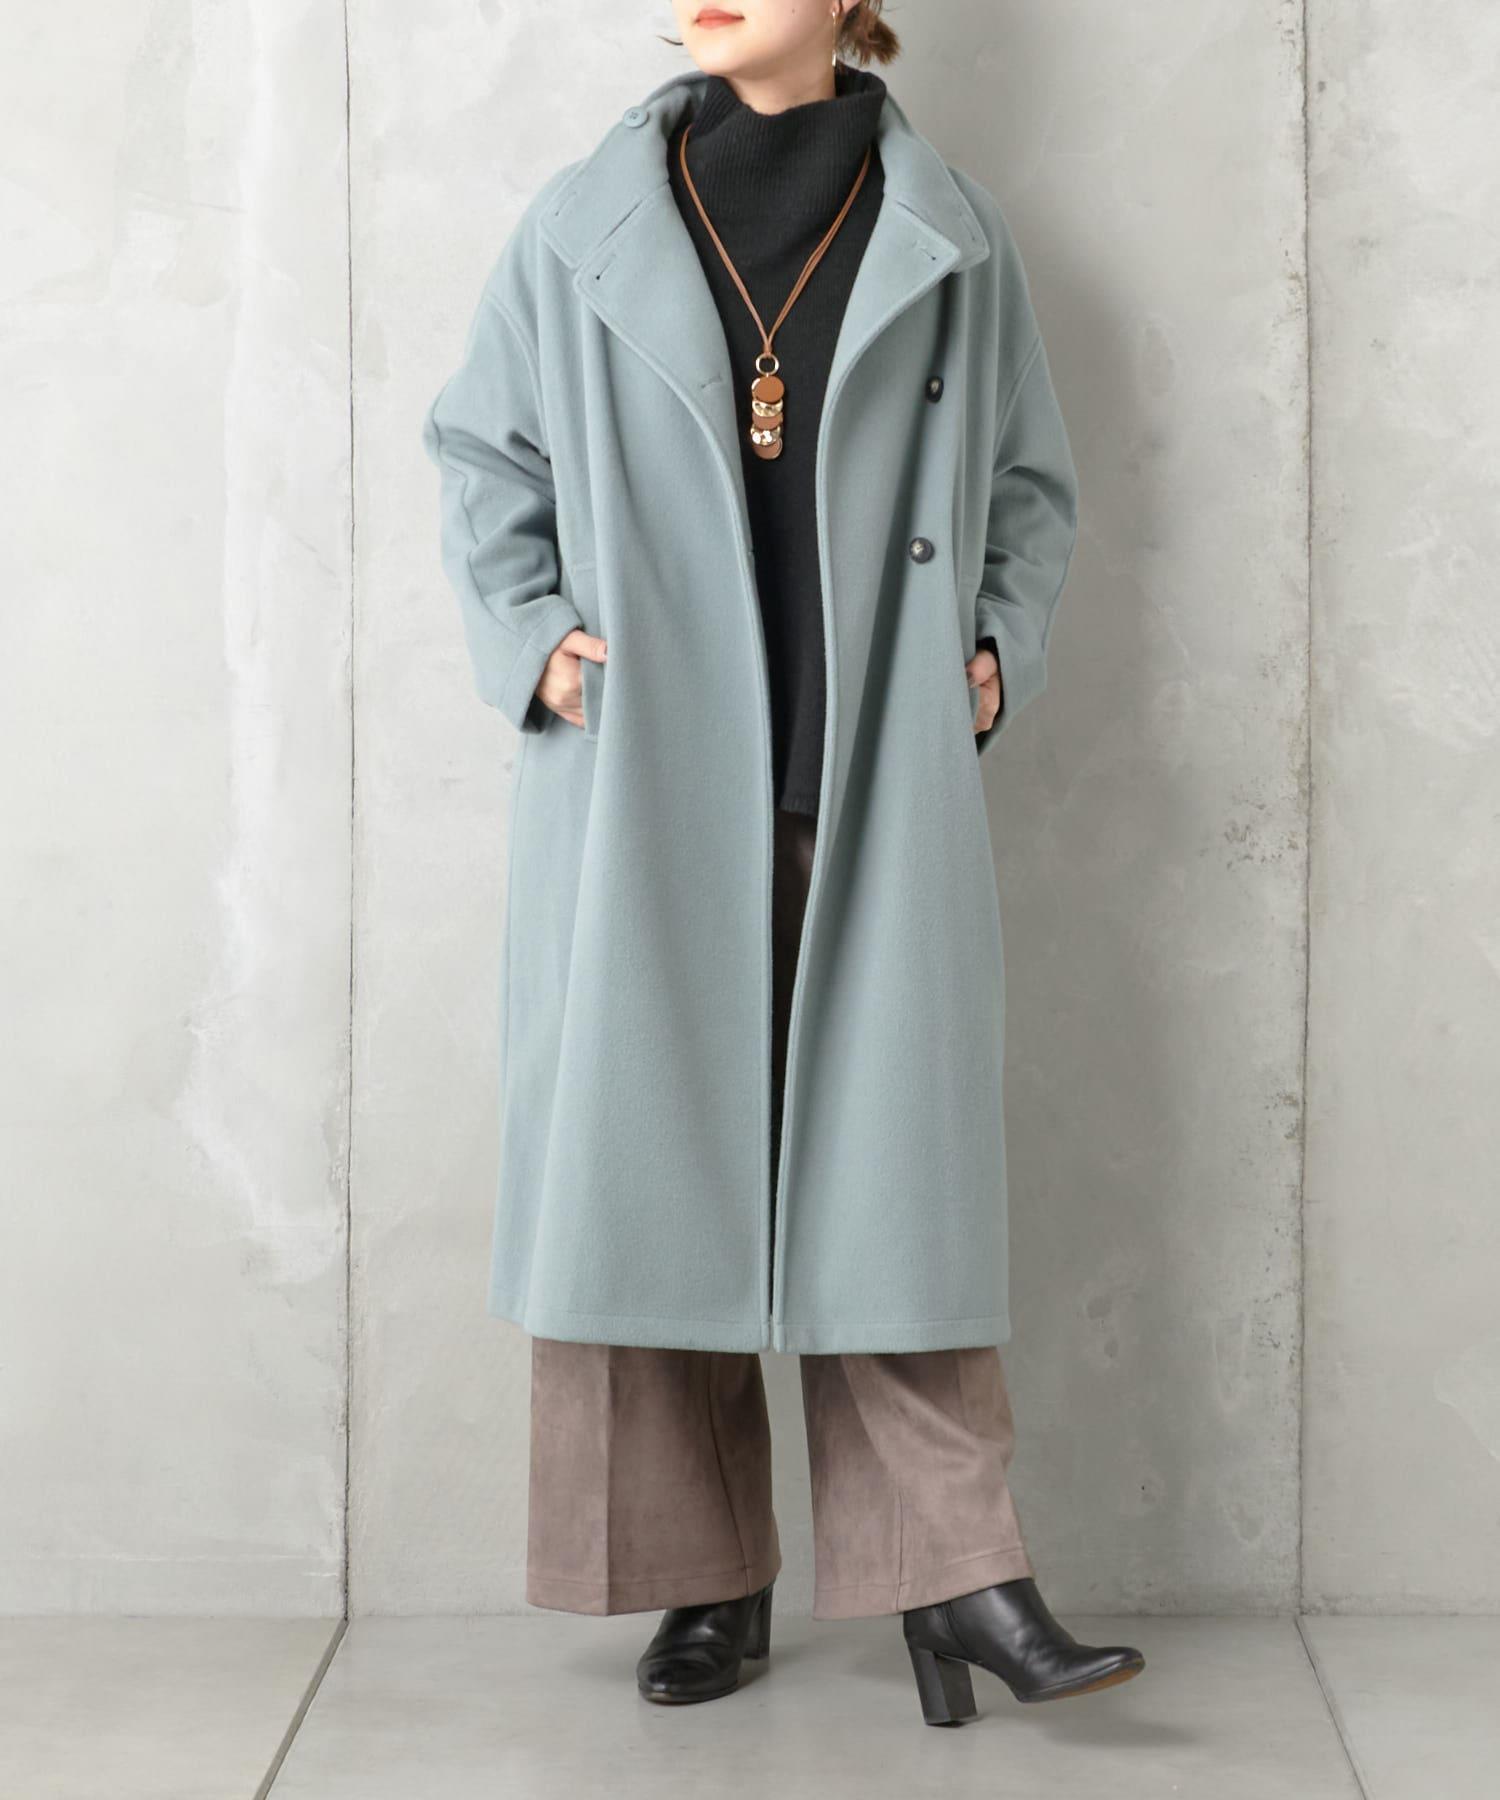 Pal collection(パルコレクション) 【予約】《今季注目》スタンドカラーコート